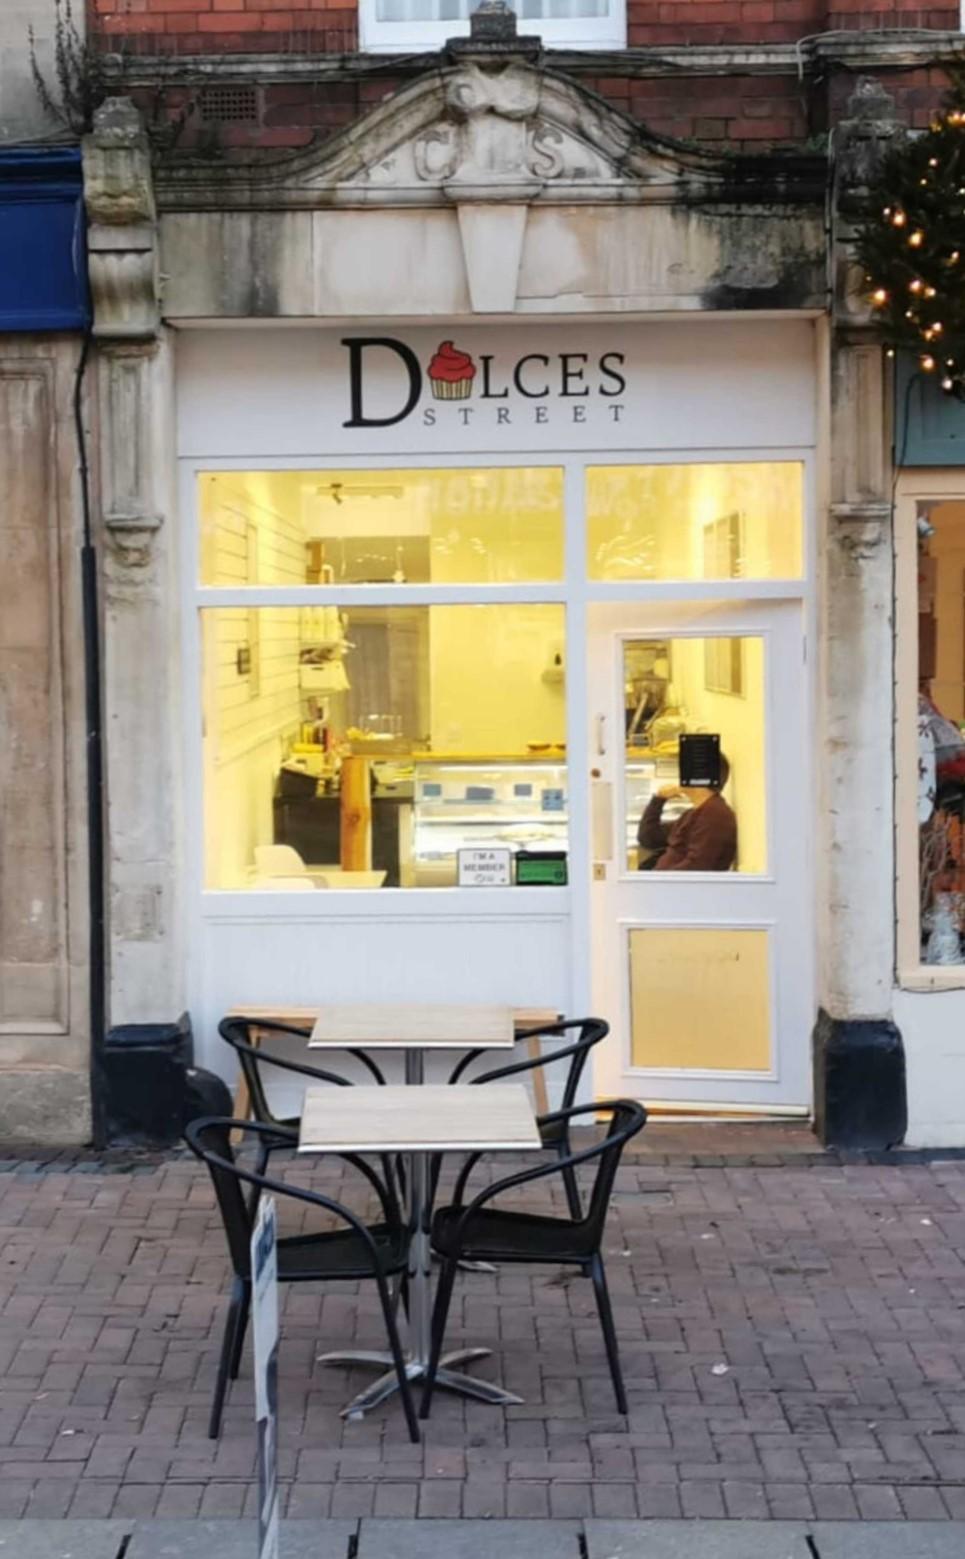 dulces shop front